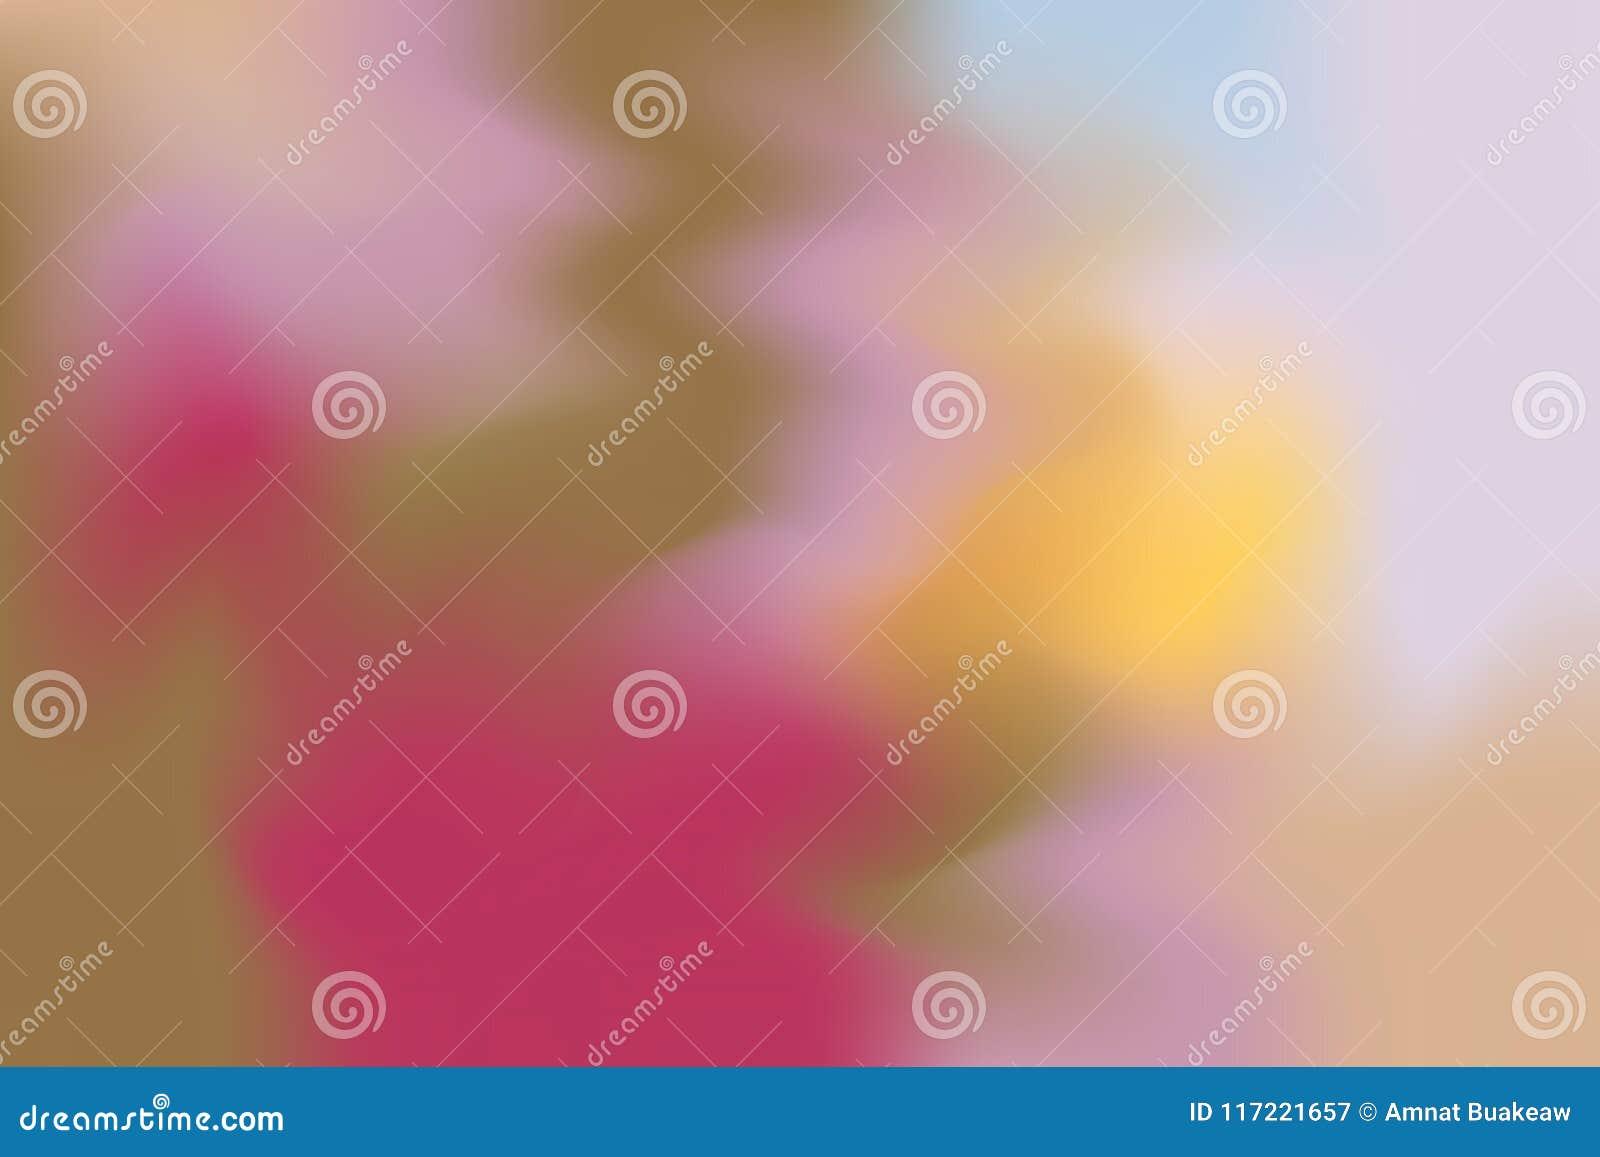 För bakgrundsmålning för rosa mjuk färg blandat abstrakt begrepp för pastell för konst, färgrik konsttapet